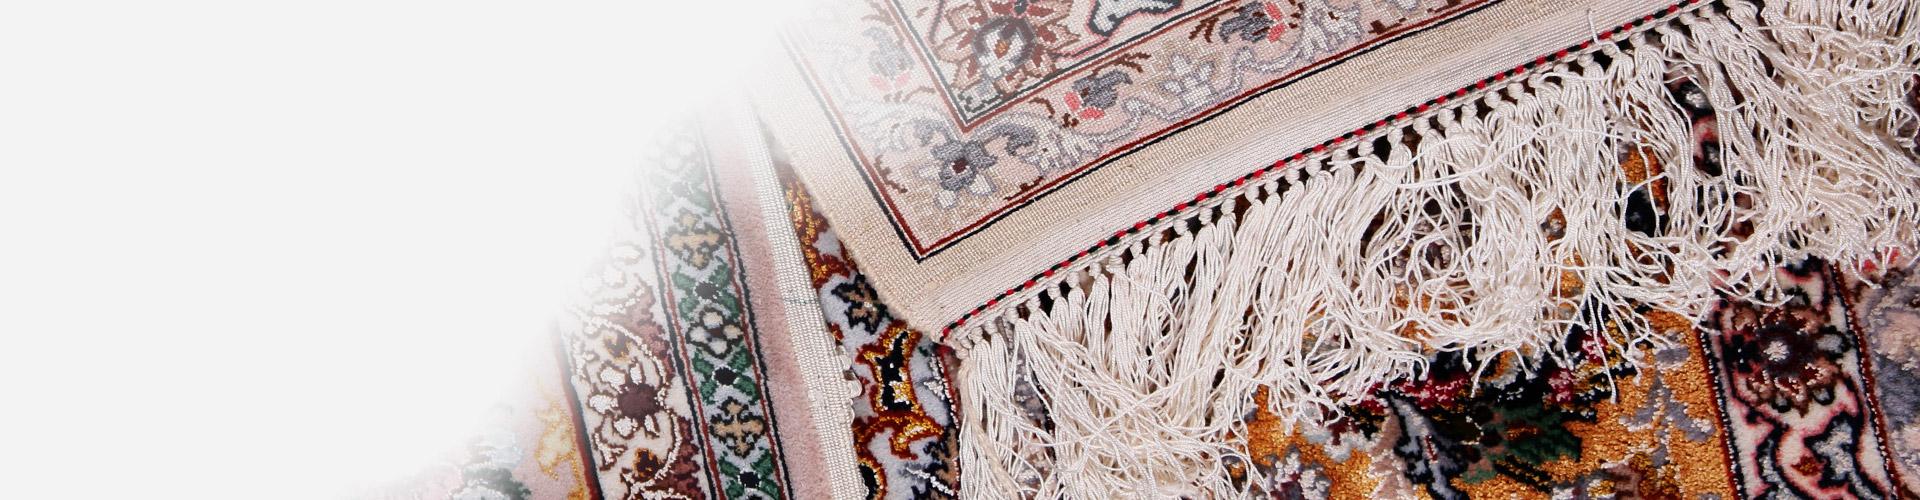 Carpet Fringe Repair Persian Binding Oriental Area Rug